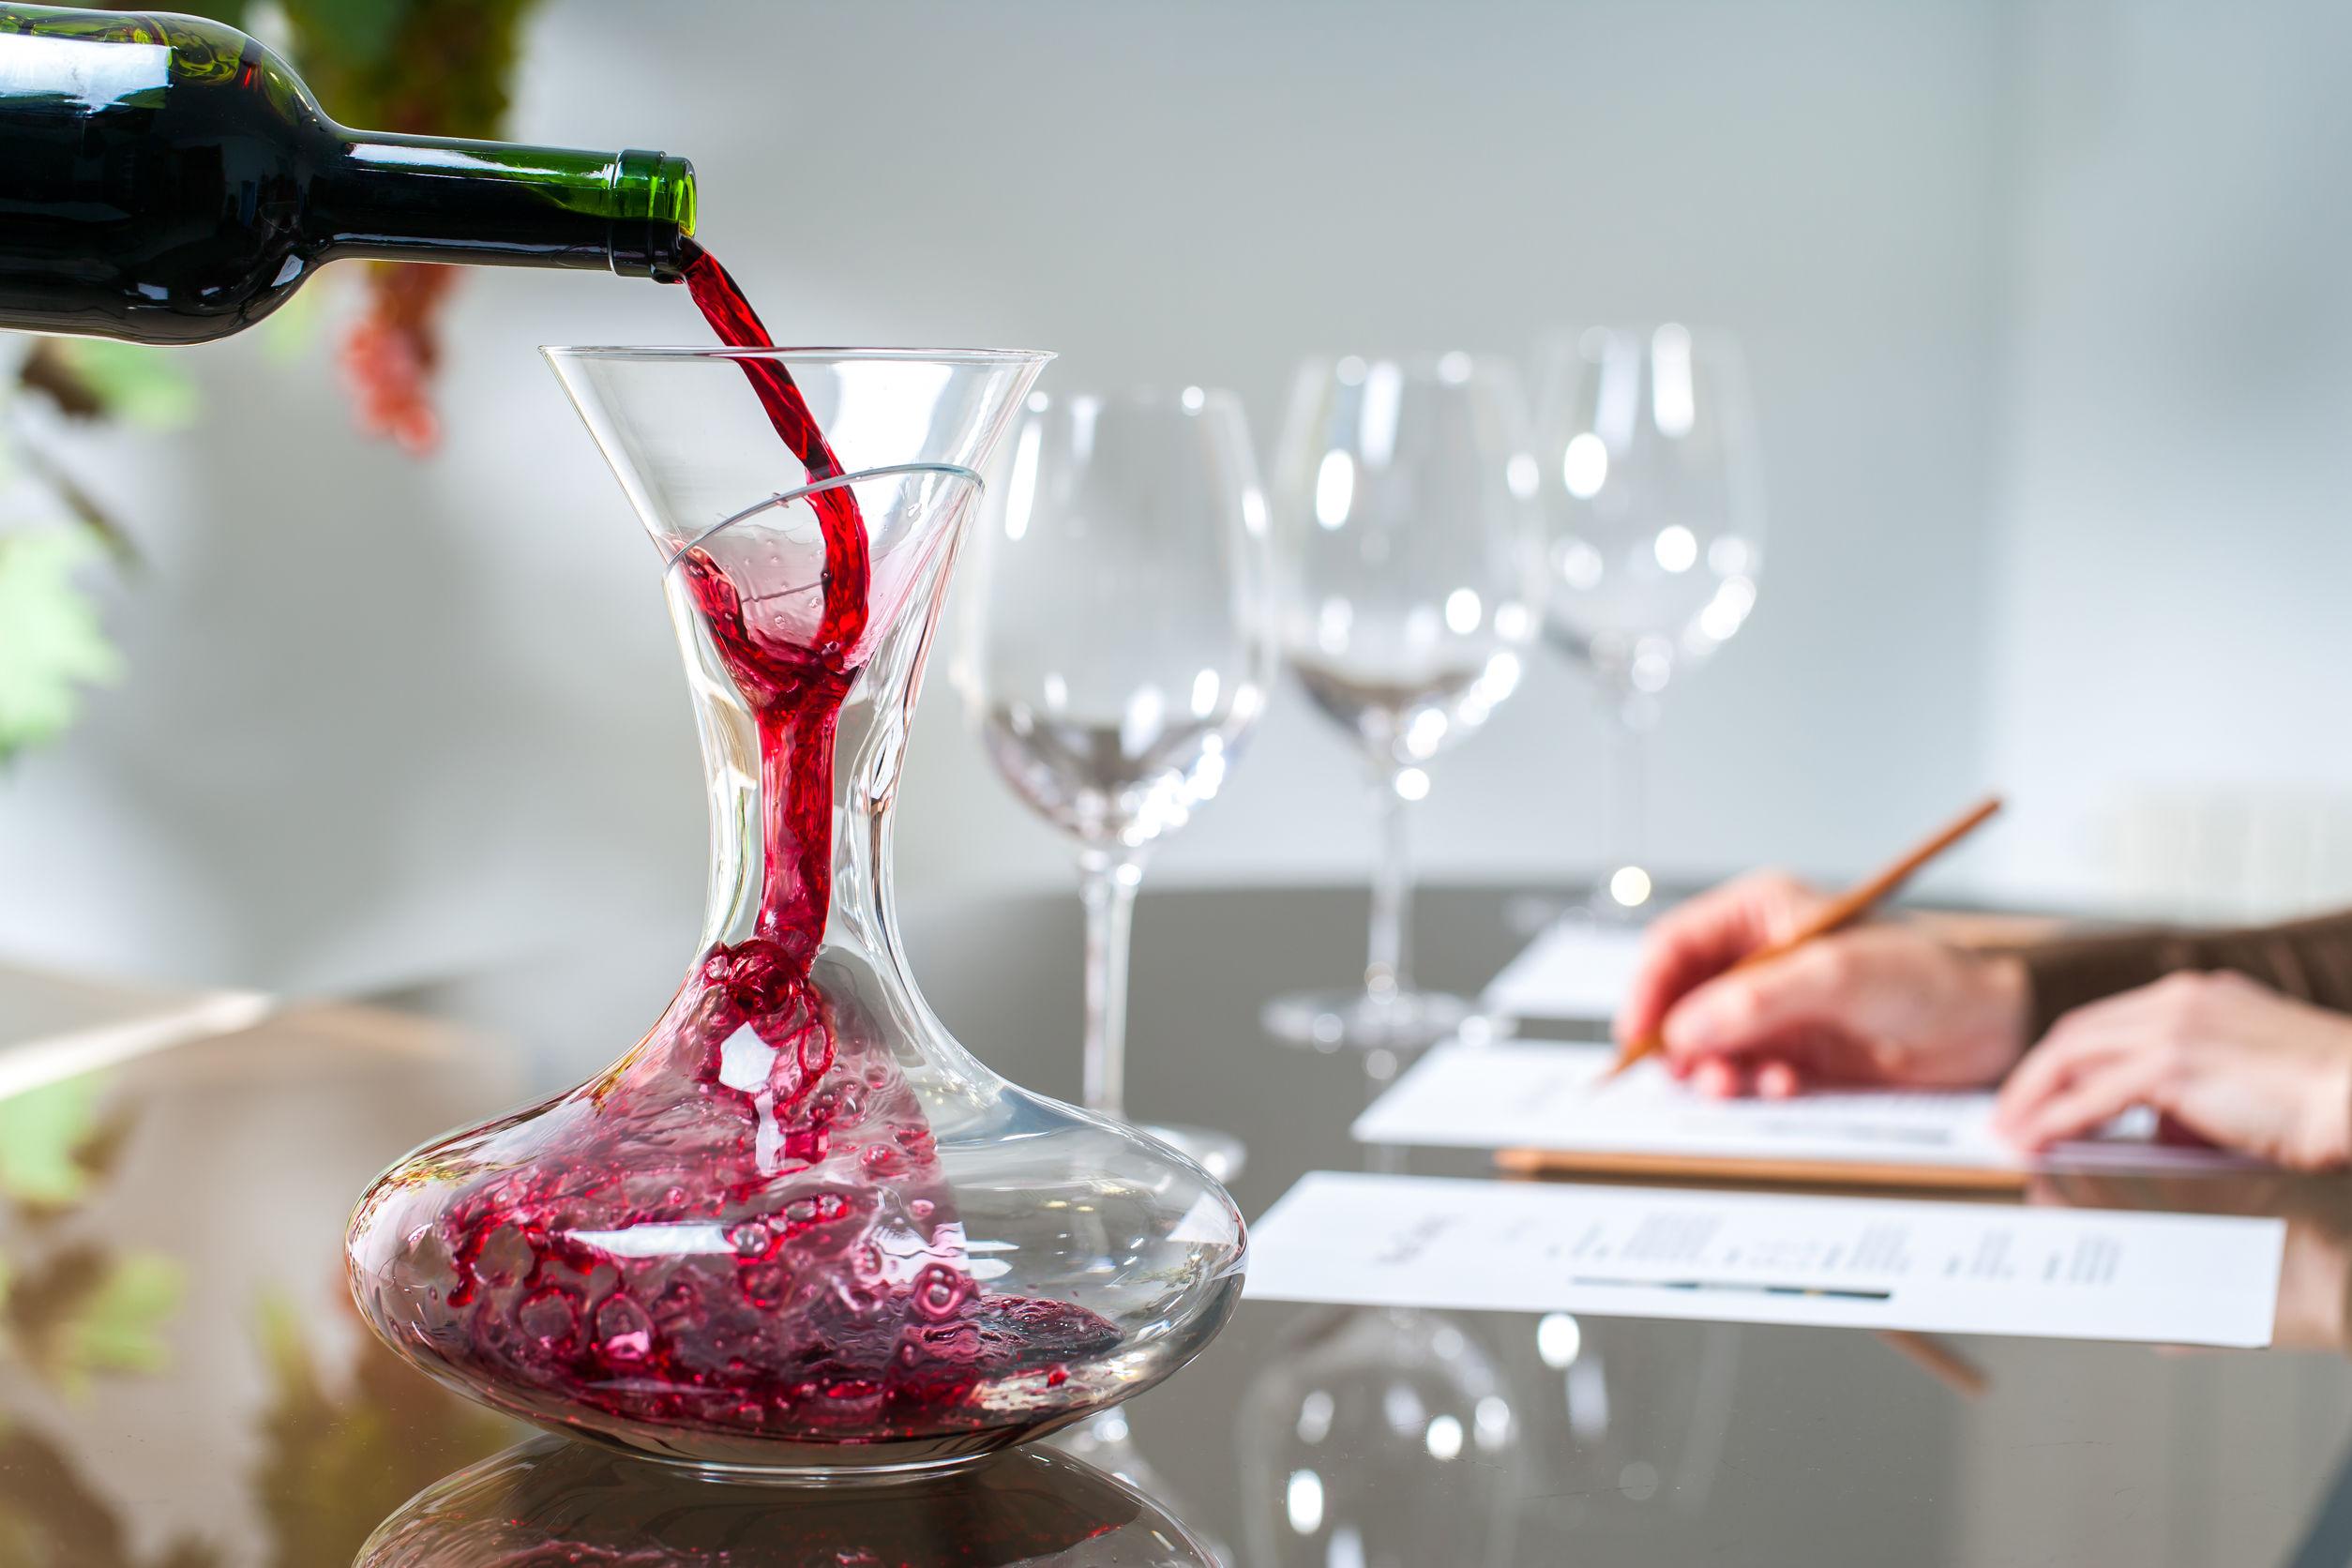 Pessoa despejando vinho em um decanter